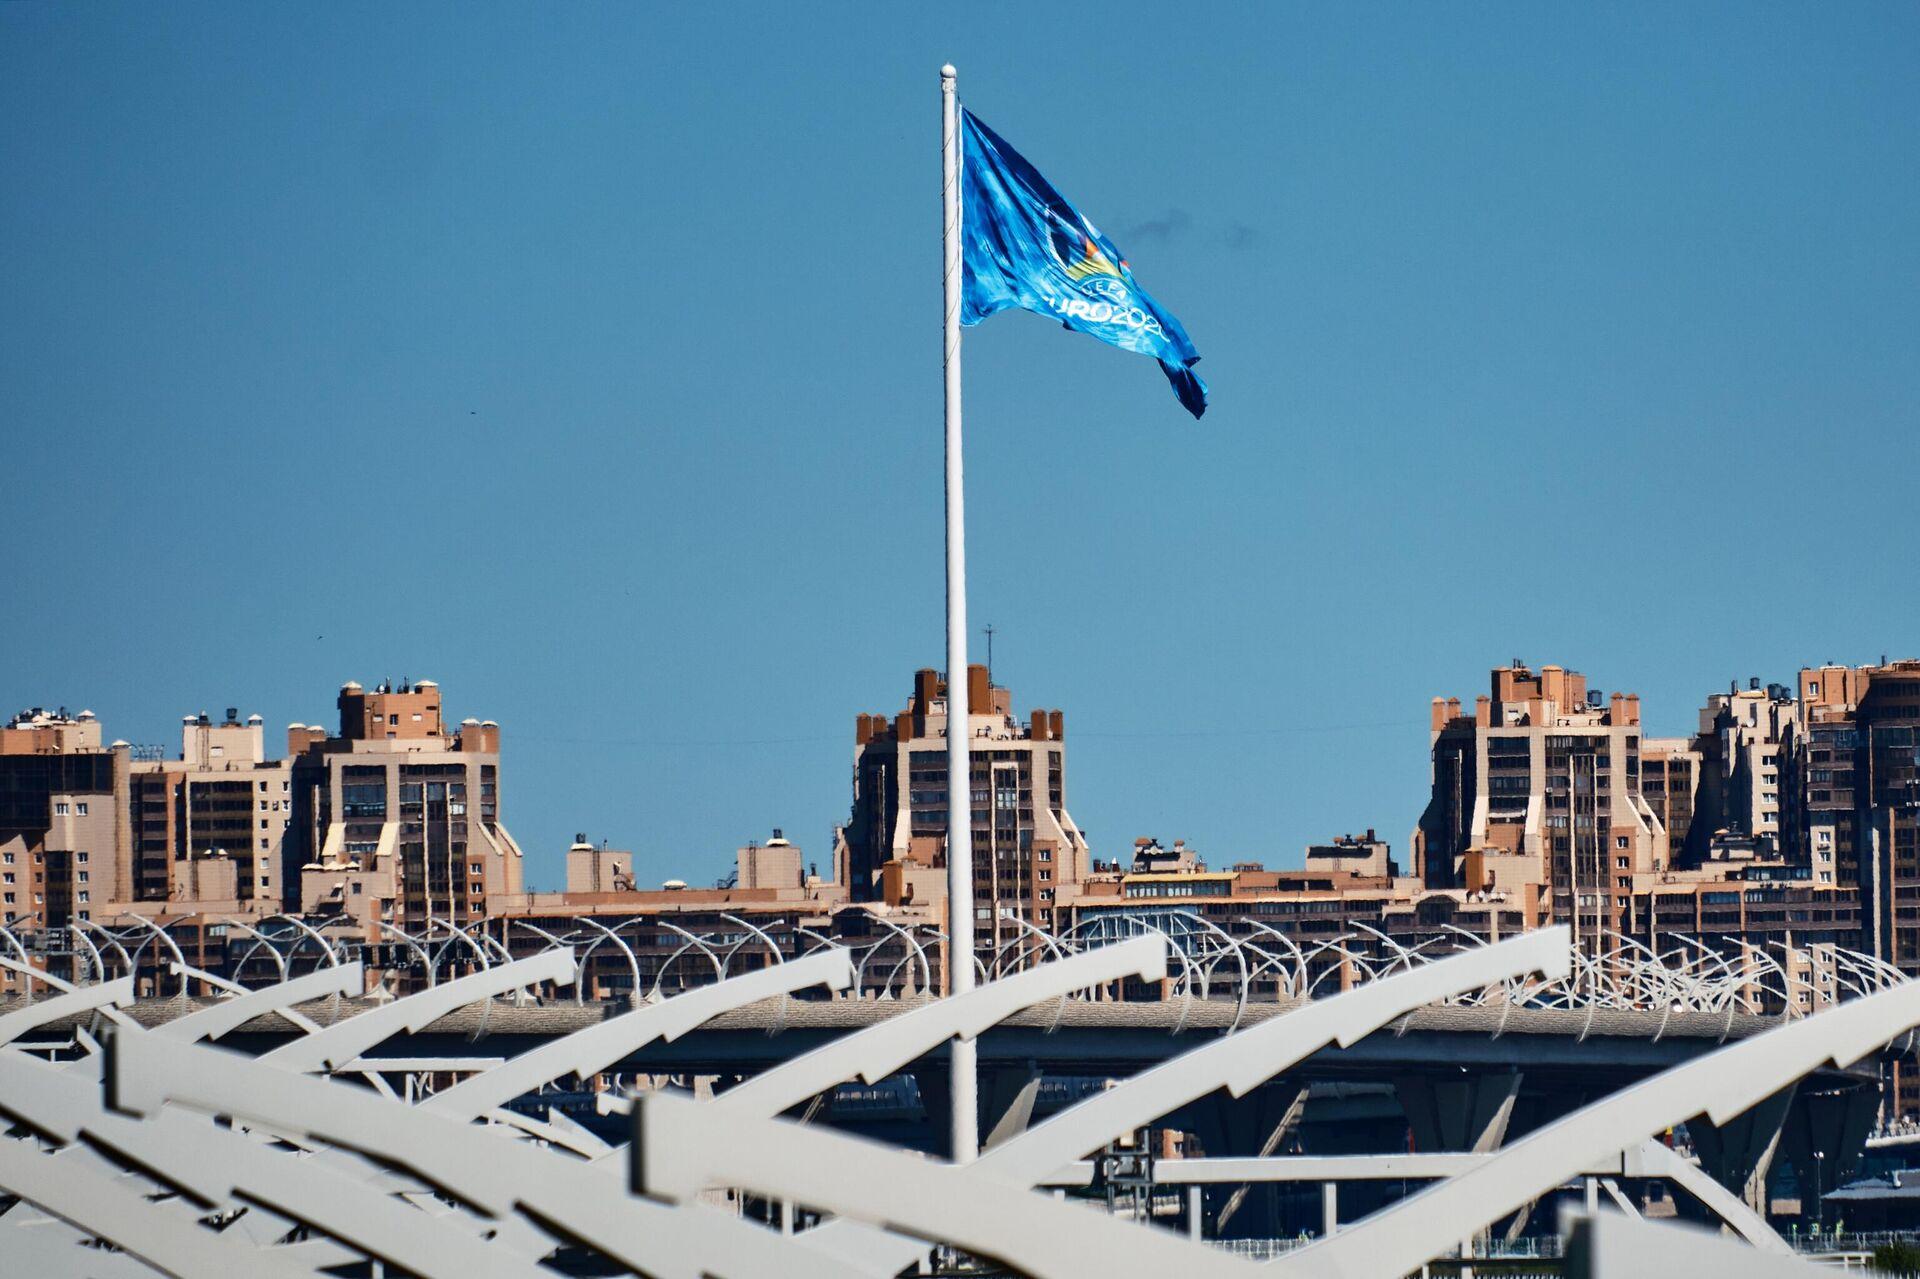 Флаг Евро-2020 подняли над стадионом в Санкт-Петербурге - Sputnik Латвия, 1920, 02.06.2021